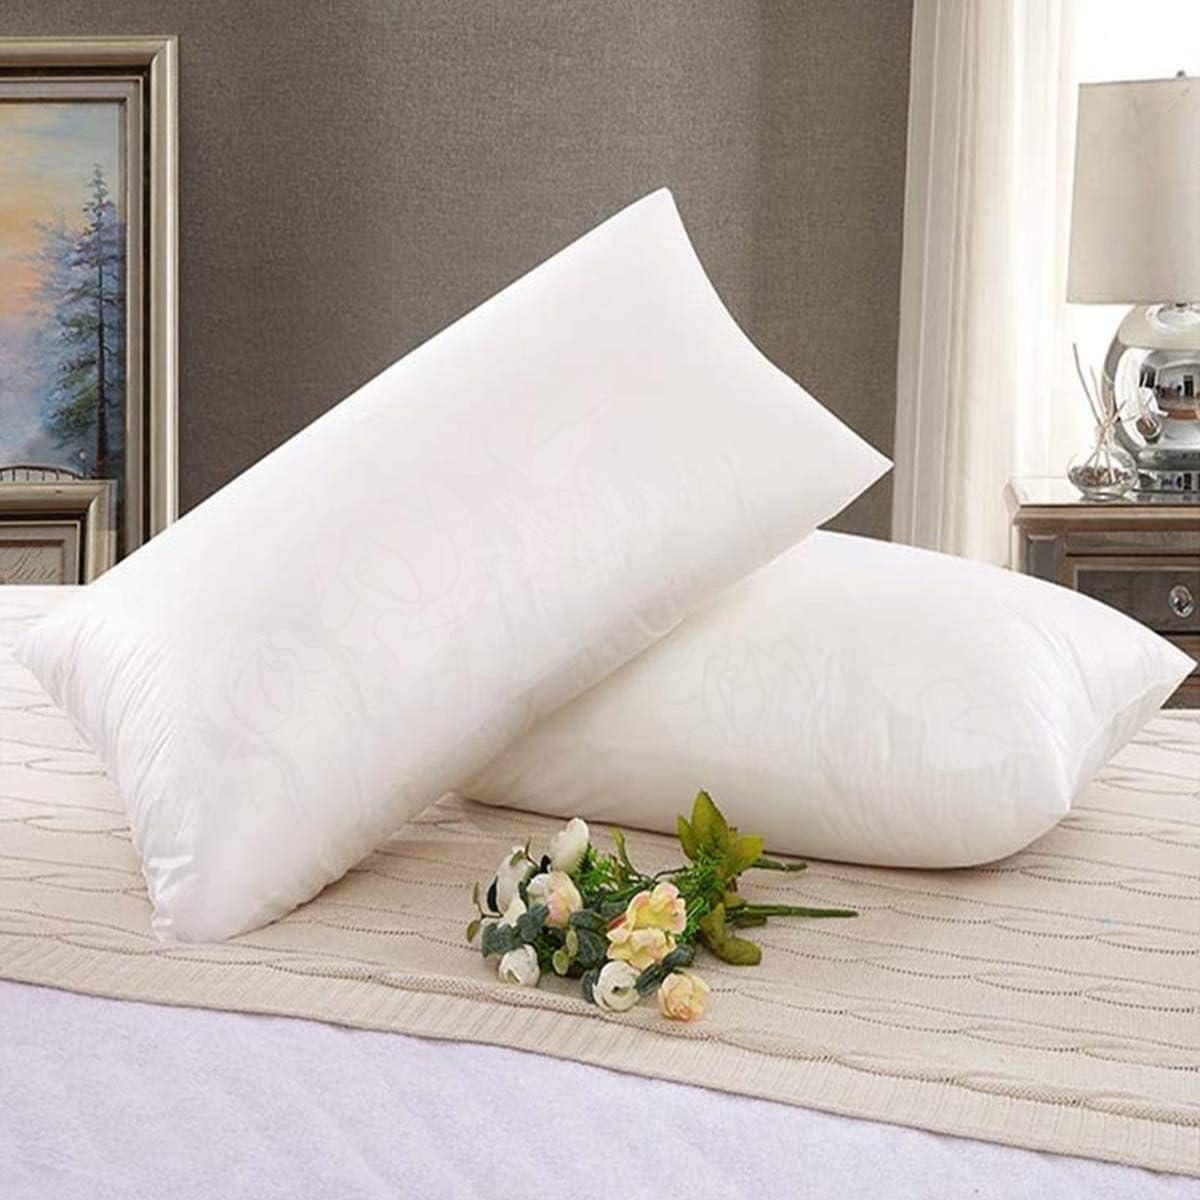 Emolli - Premium Throw Pillow Insert